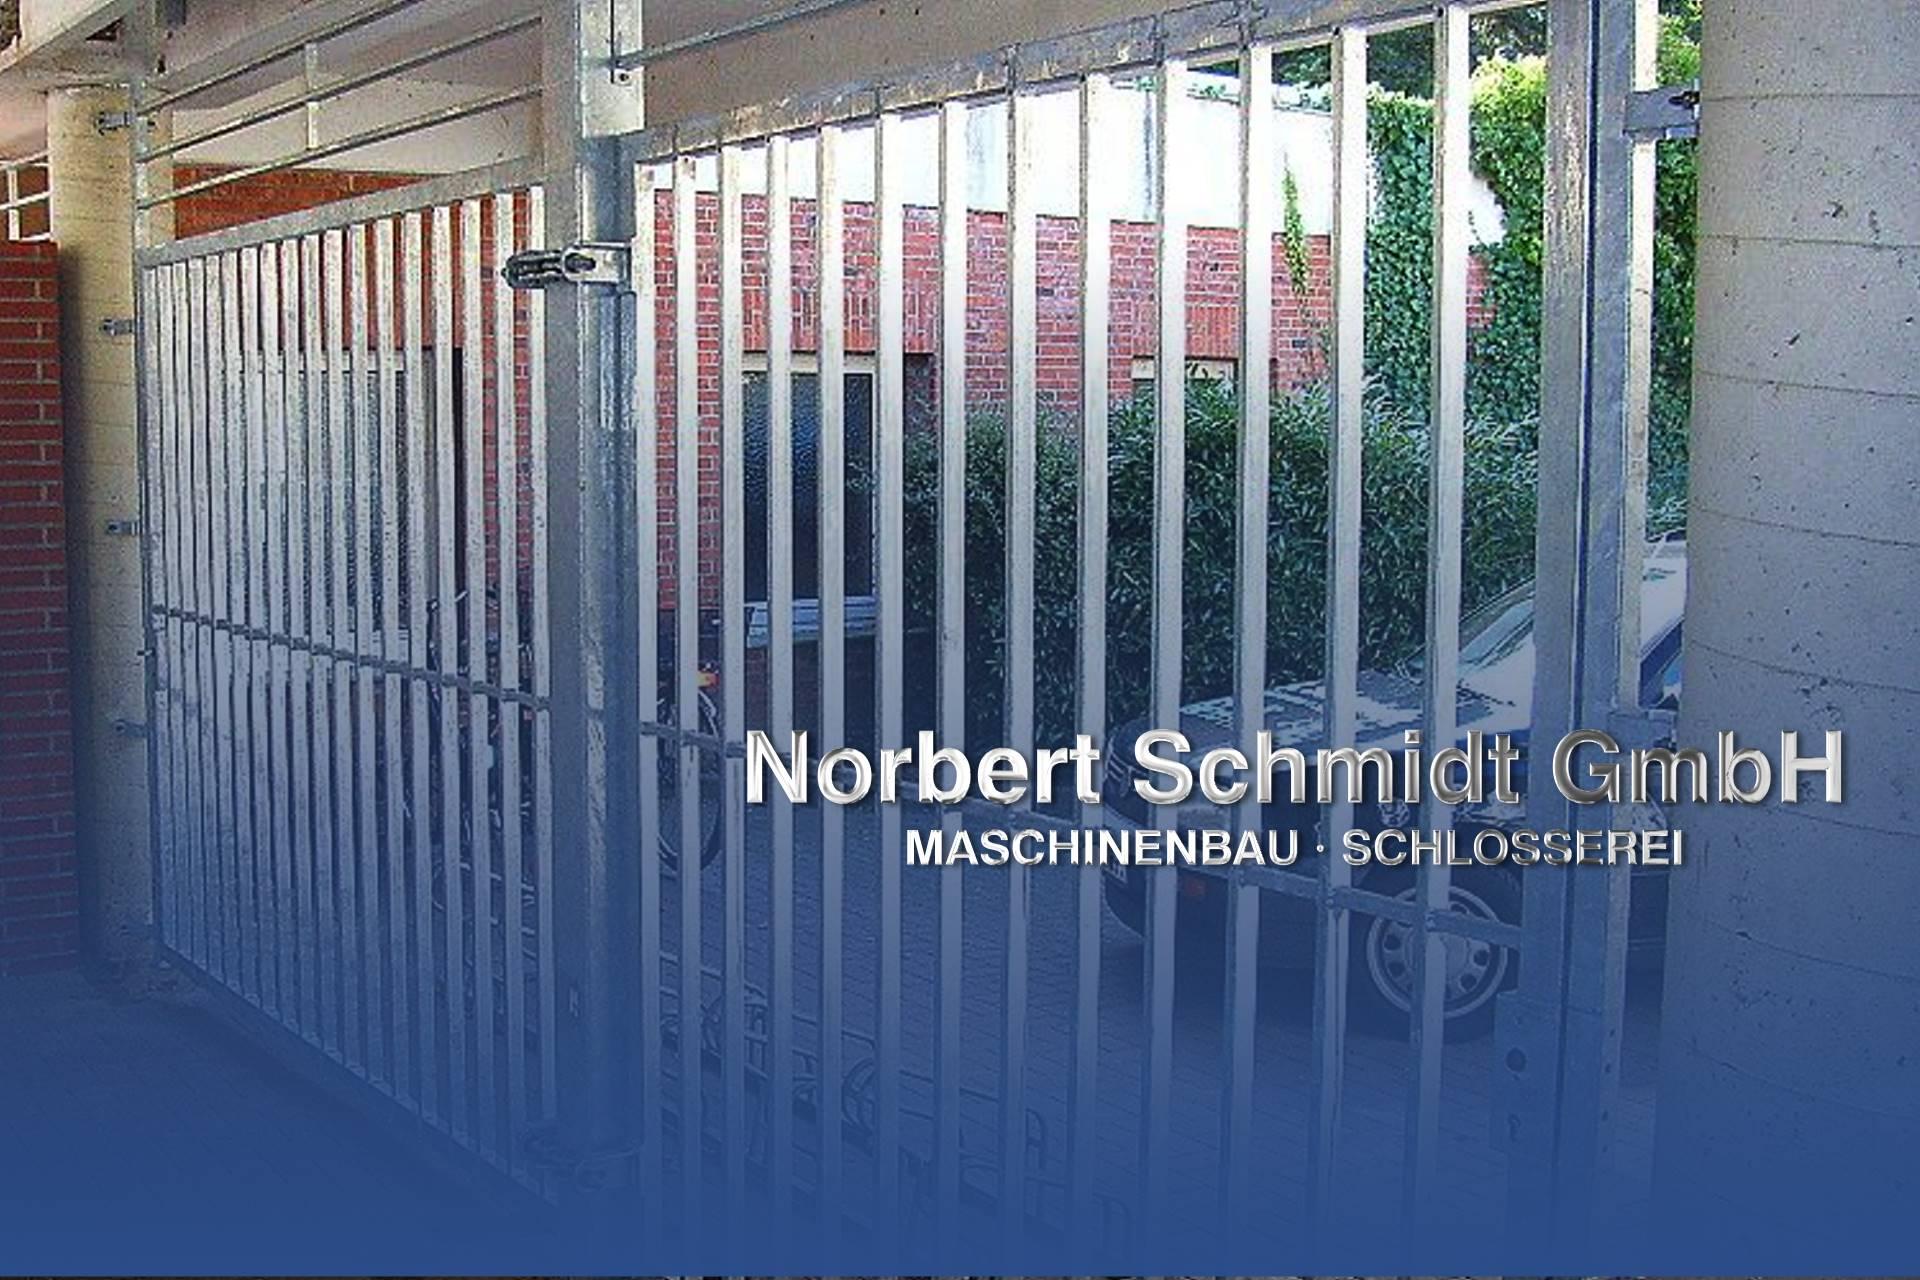 schmidt-header-12